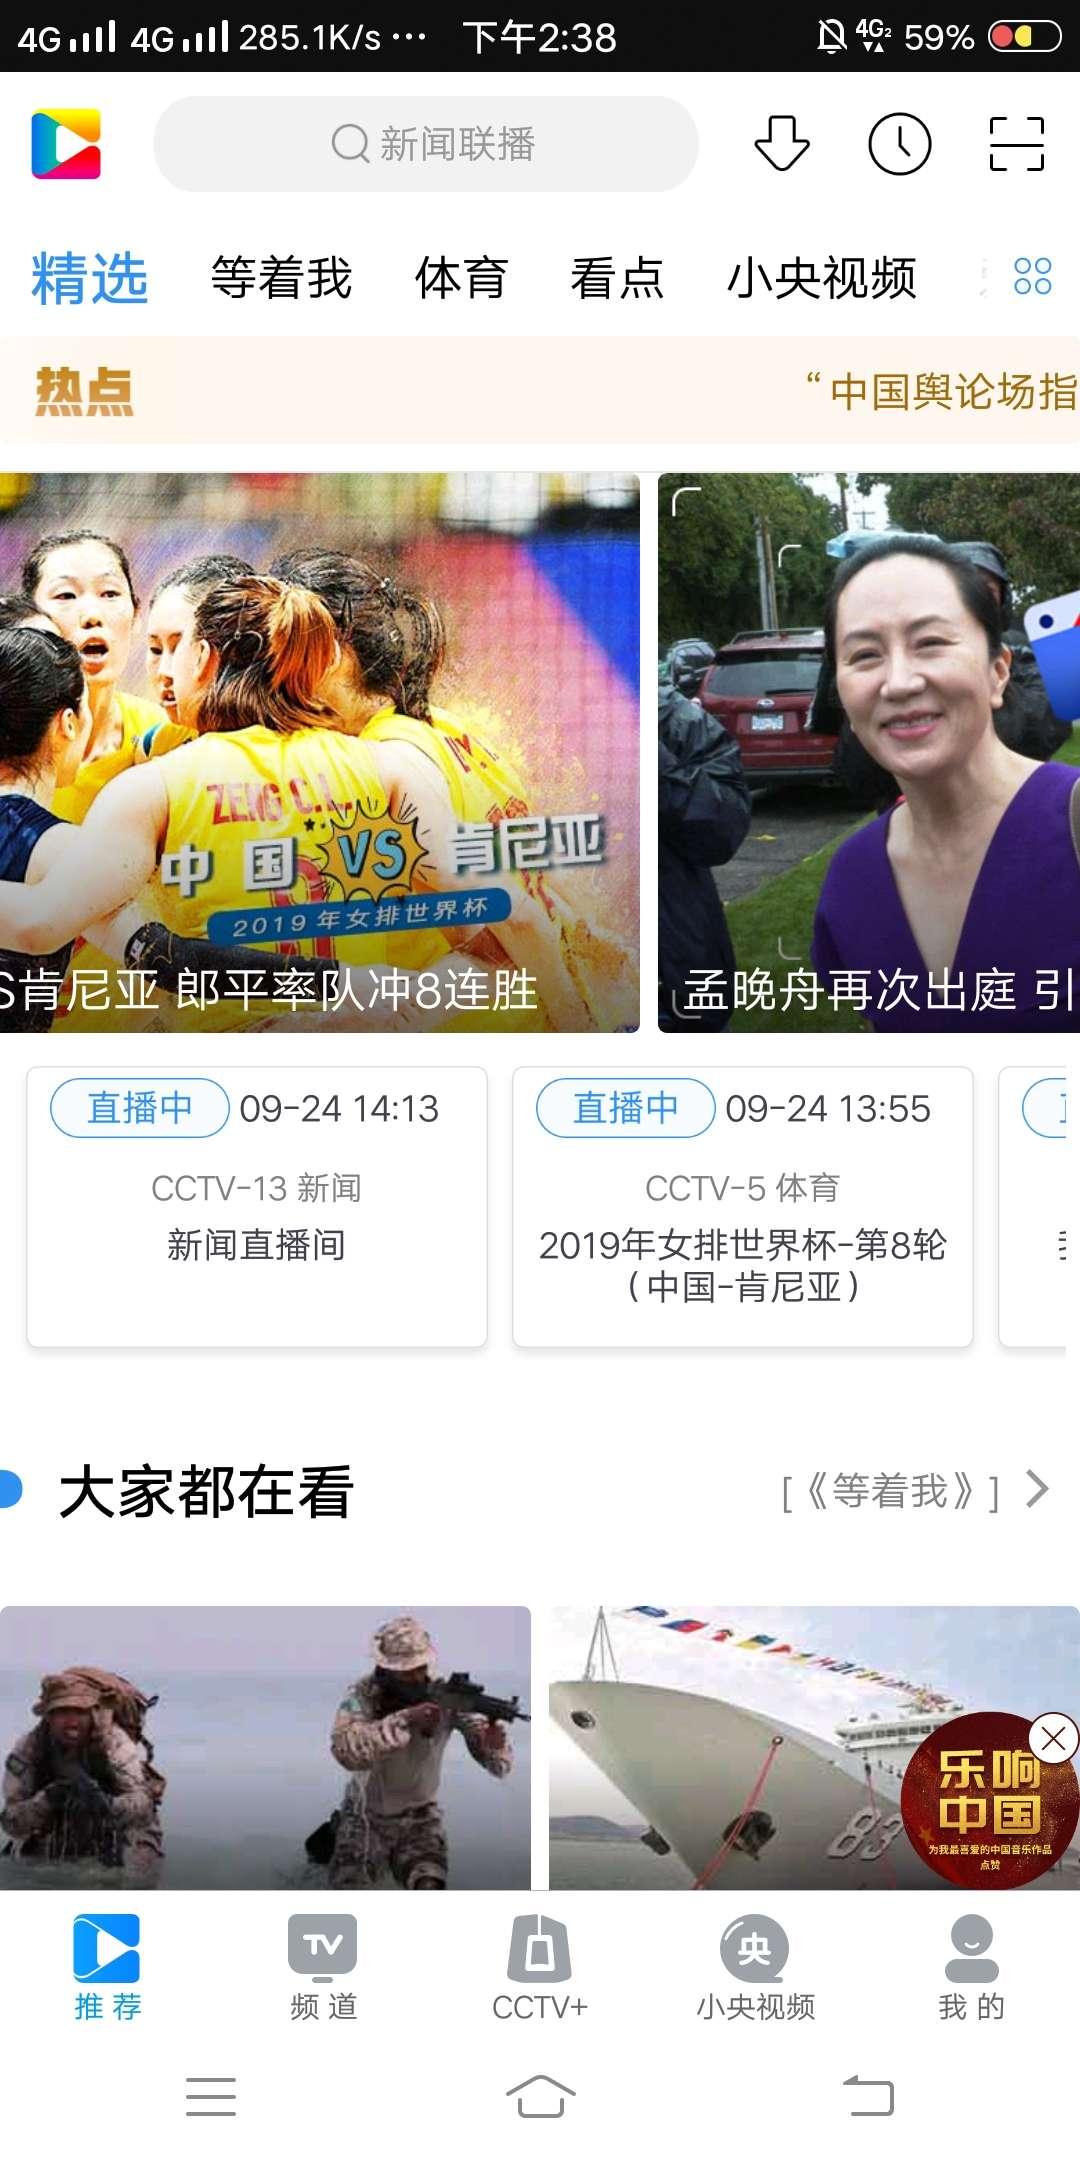 央视影音v6.7.5去广告清爽版